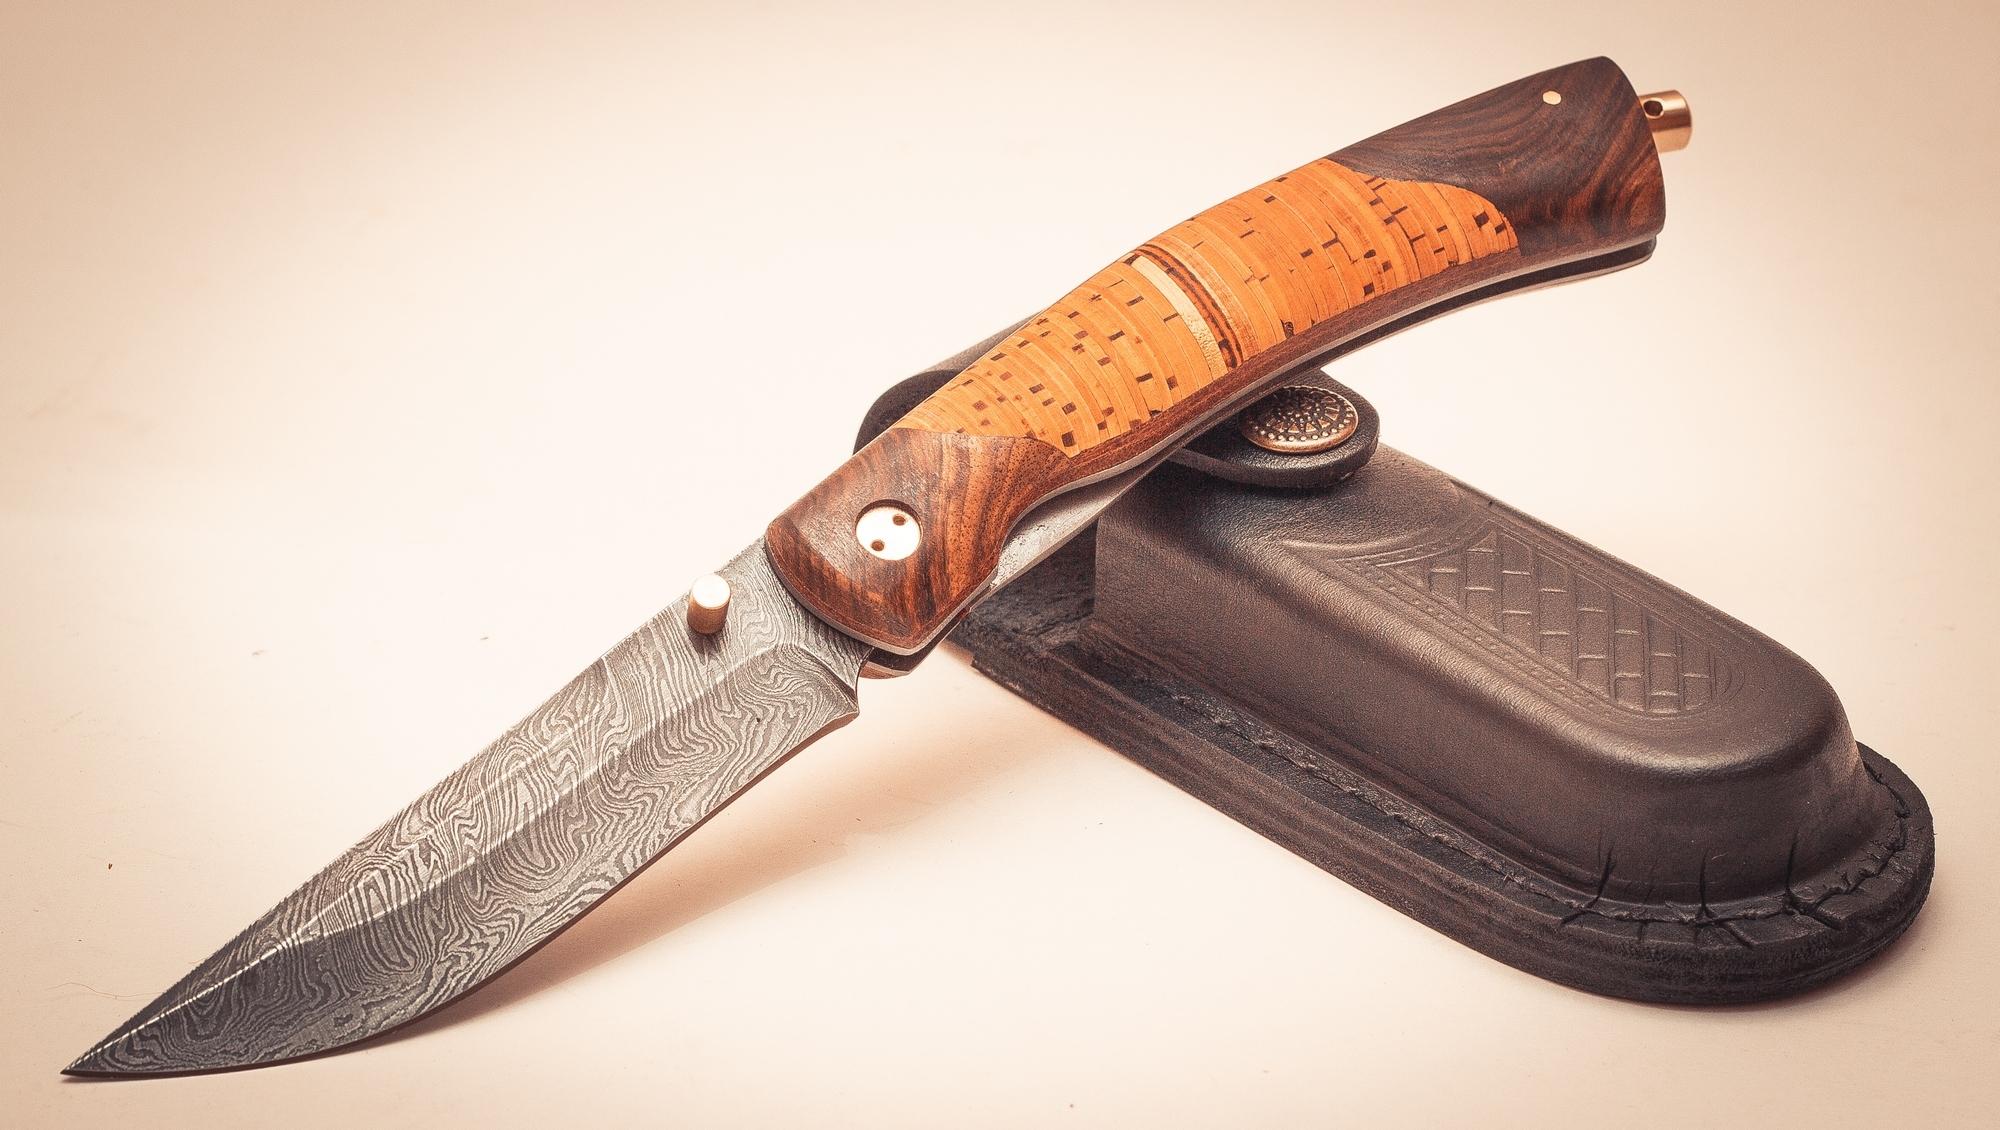 Складной нож Кайрос, дамаск, берестаРаскладные ножи<br>У этого ножа, несомненно, есть свой стиль и свой характер. Нож «Кайрос» выполнен из различных материалов, каждый из которых передает ему частичку своей души. Дамасская сталь клинка наделяет его силой и ловкостью. Натуральные материалы, использованные рукояти говорят о том, что он верен традициям и своему владельцу. На такого карманного помощника всегда можно положиться. На тыльной части рукояти расположен металлический винт с отверстием для темляка. В случае необходимости, этот элемент можно использовать в качестве стеклобоя.<br>